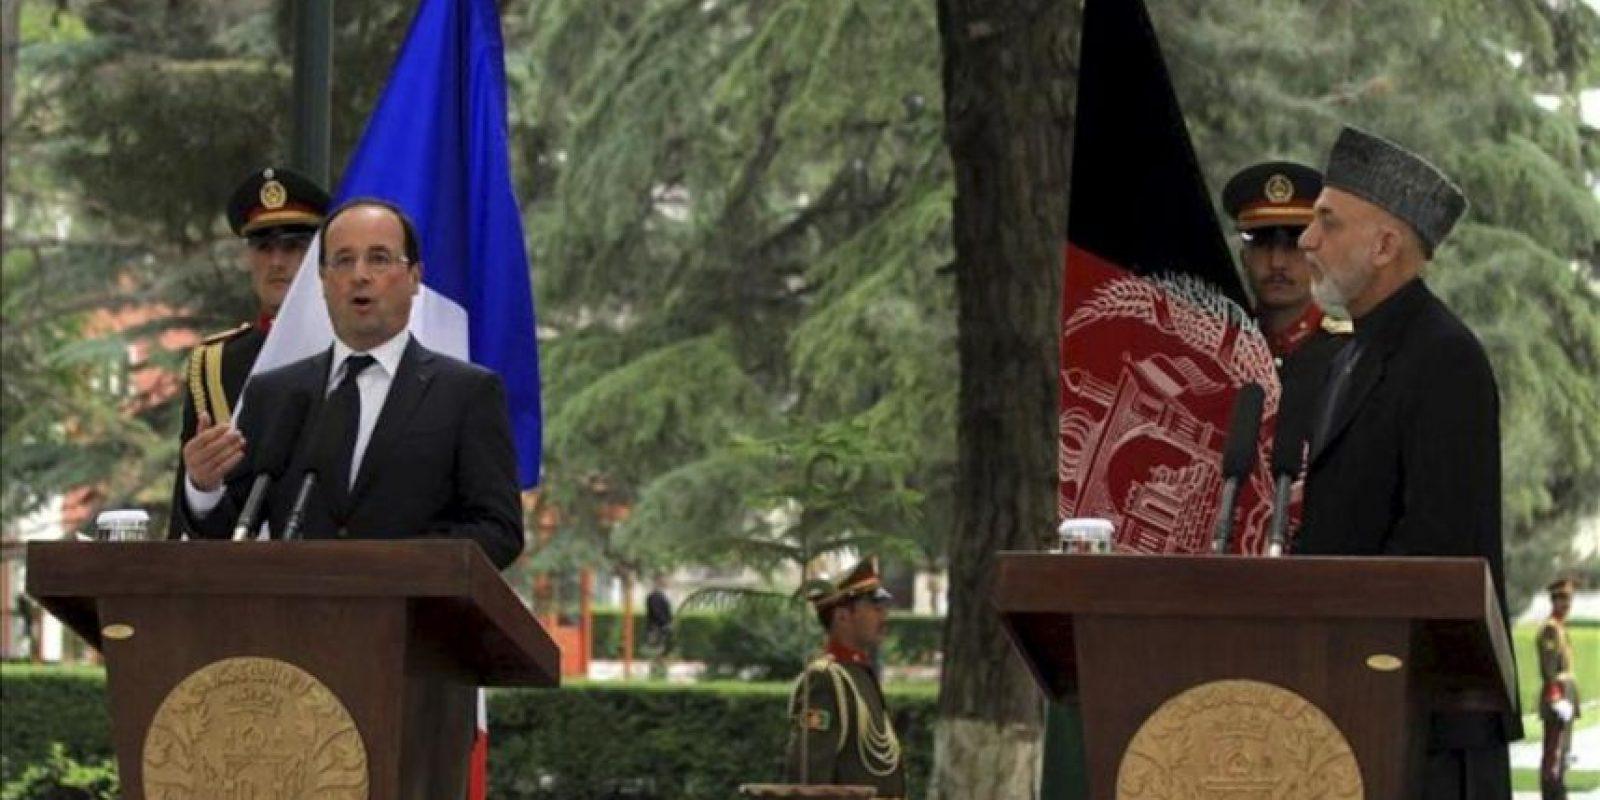 El presidente francés, François Hollande (i), ofrece una rueda de prensa con su homólogo afgano, Hamid Karzai (d), hoy viernes 25 de mayo en Kabul. EFE